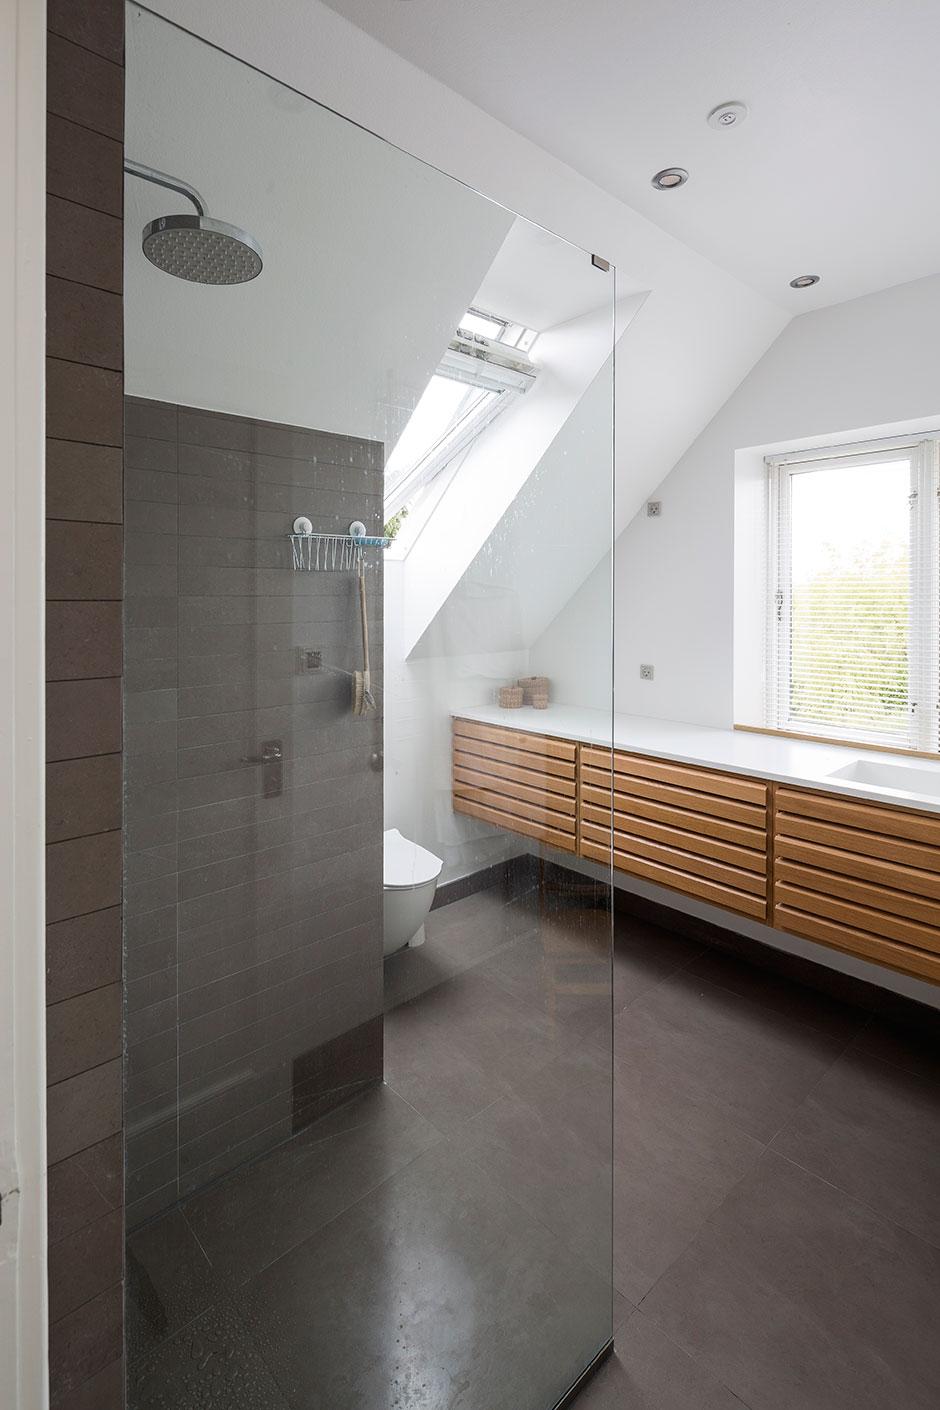 Bagno - Come organizzare gli spazi in cucina ...